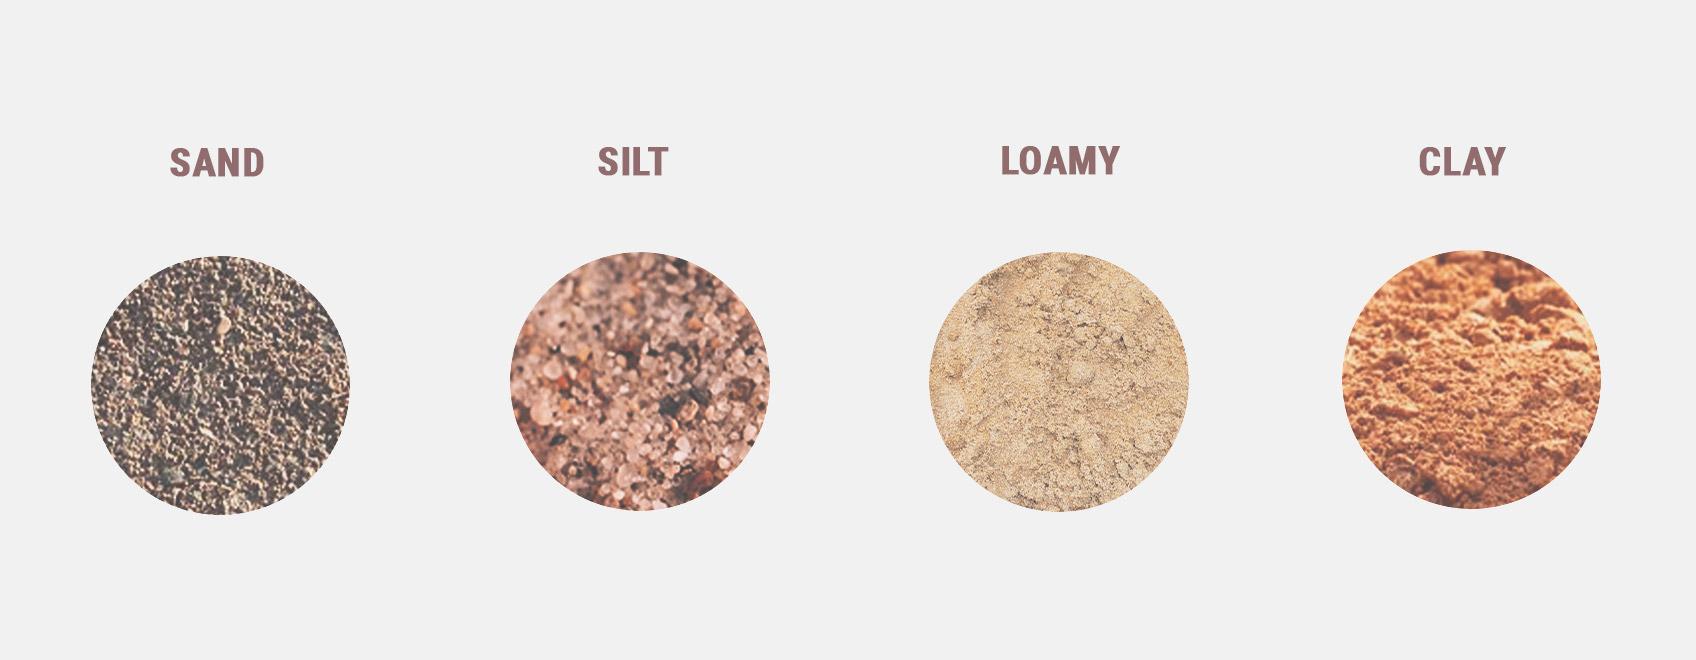 SOILTRAITS OF QUALITY CANNABIS SOIL